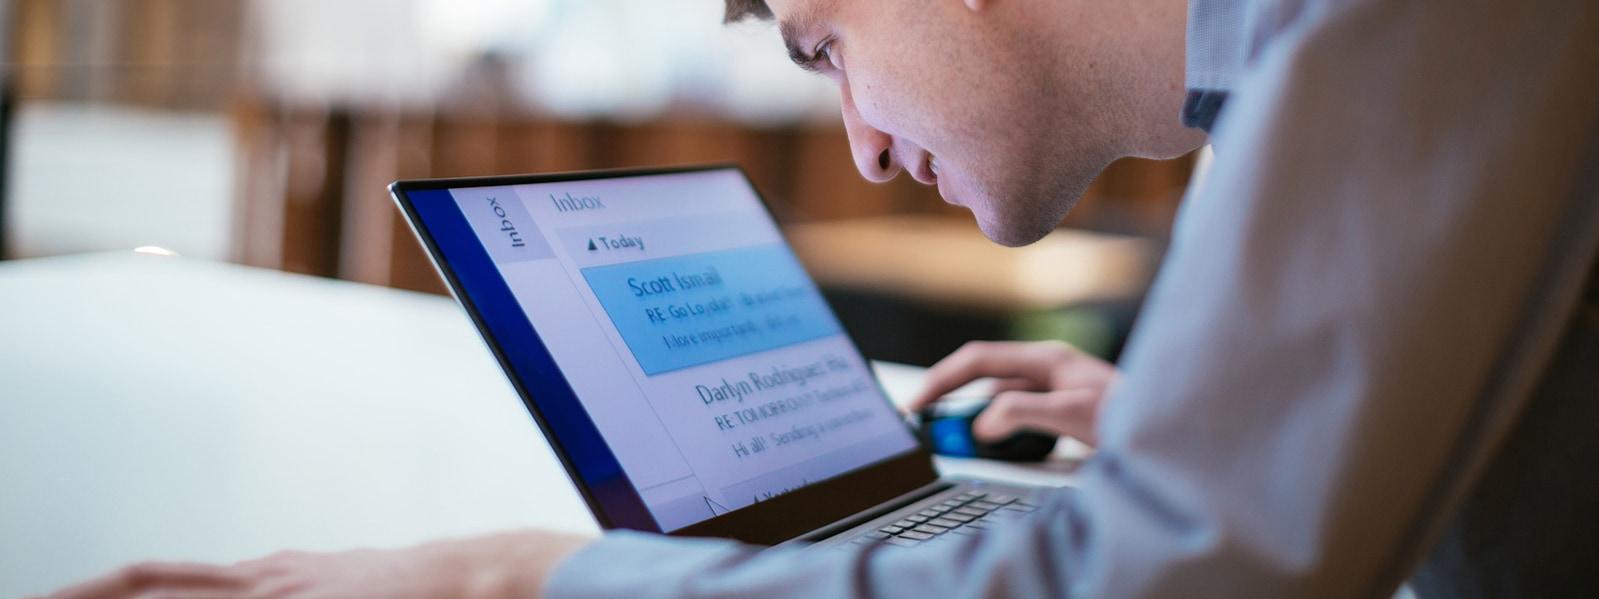 ?Windows 10 bilgisayarýnda çalýþan ve okunmasý kolay, büyük metni ekranda gösteren bir adam.